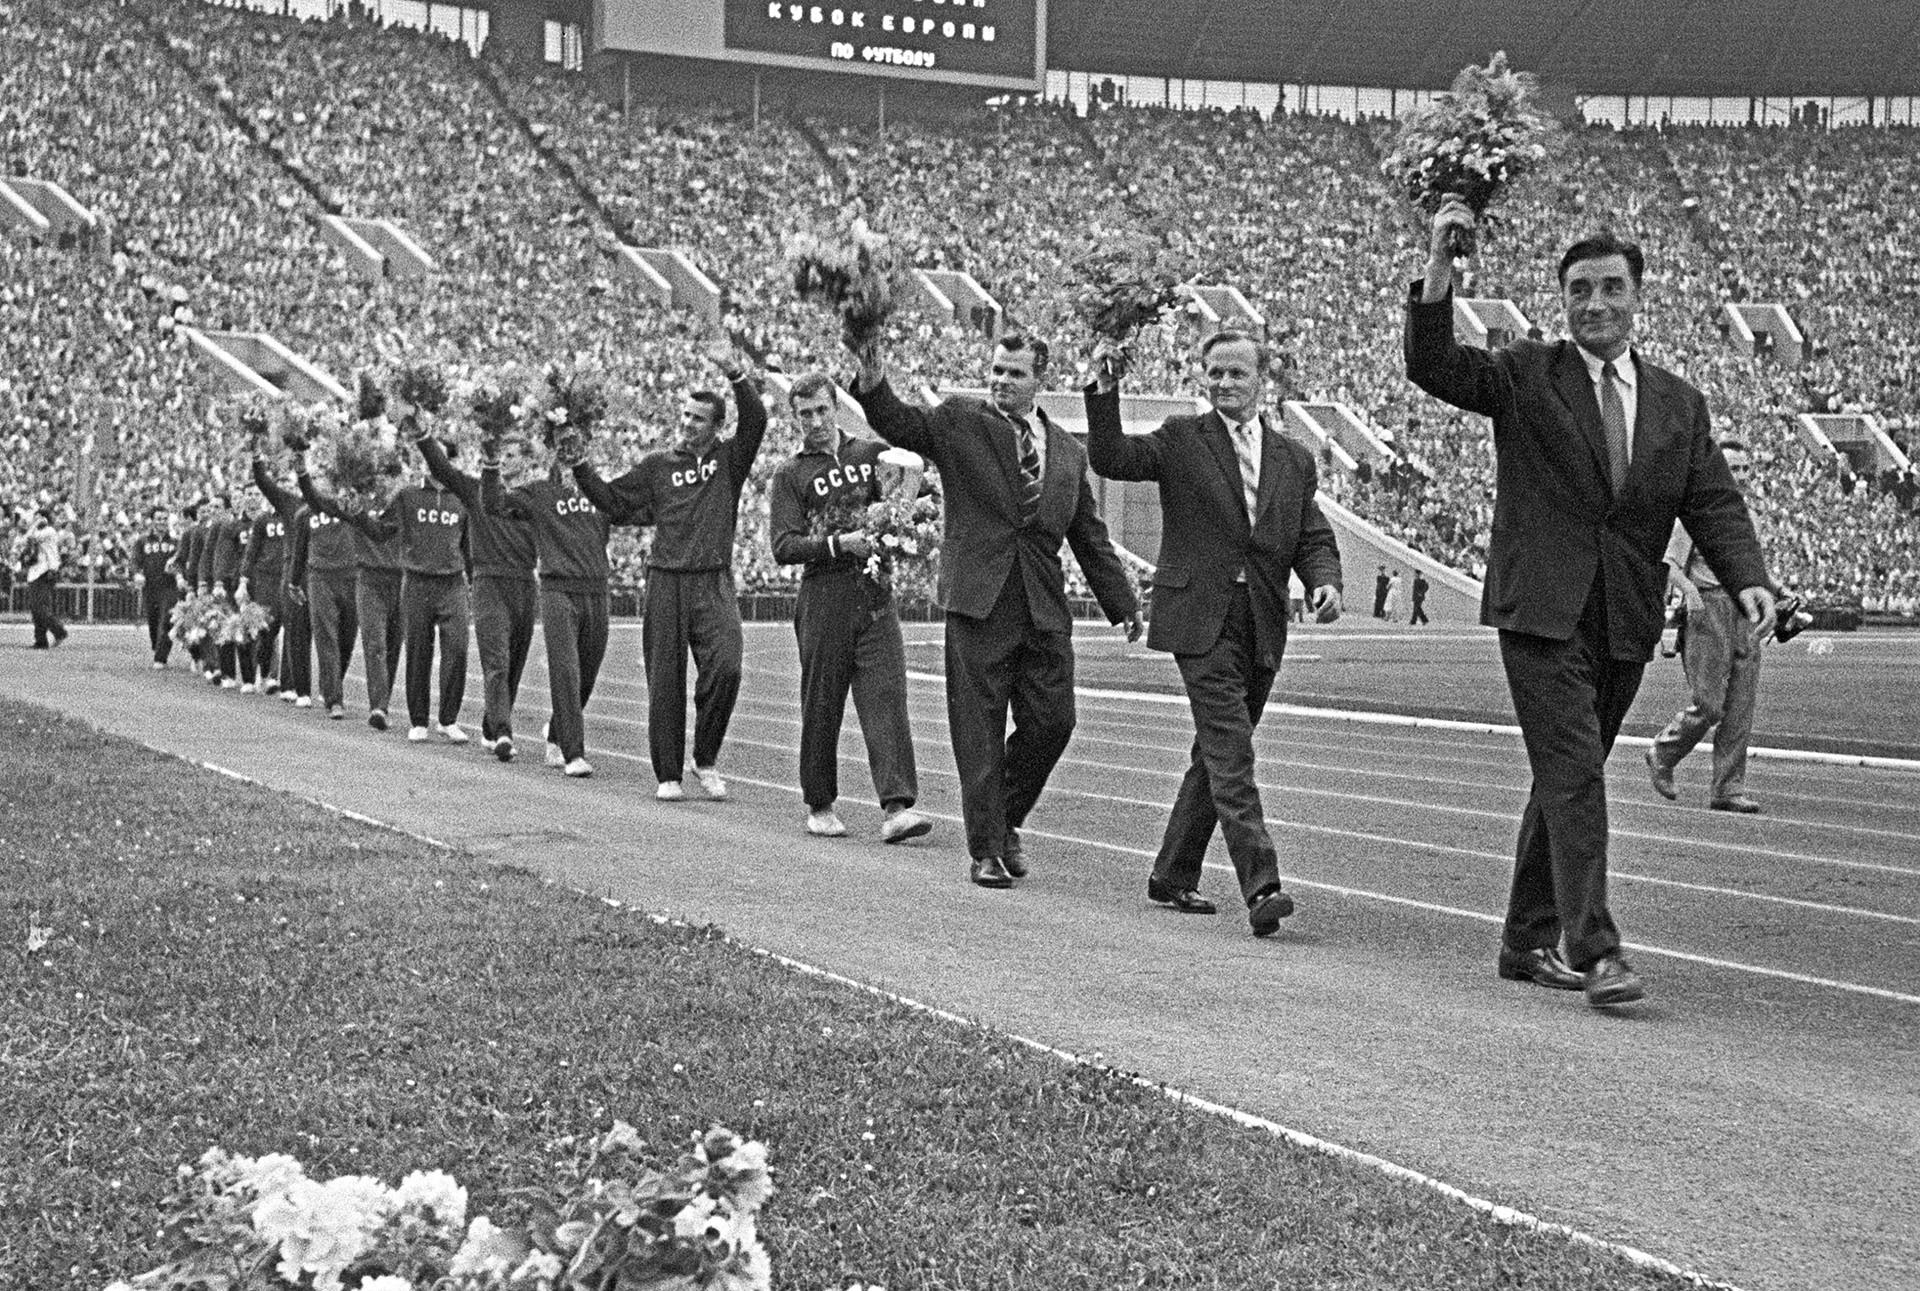 La selezione sovietica durante la Coppa Europea delle Nazioni, 1960